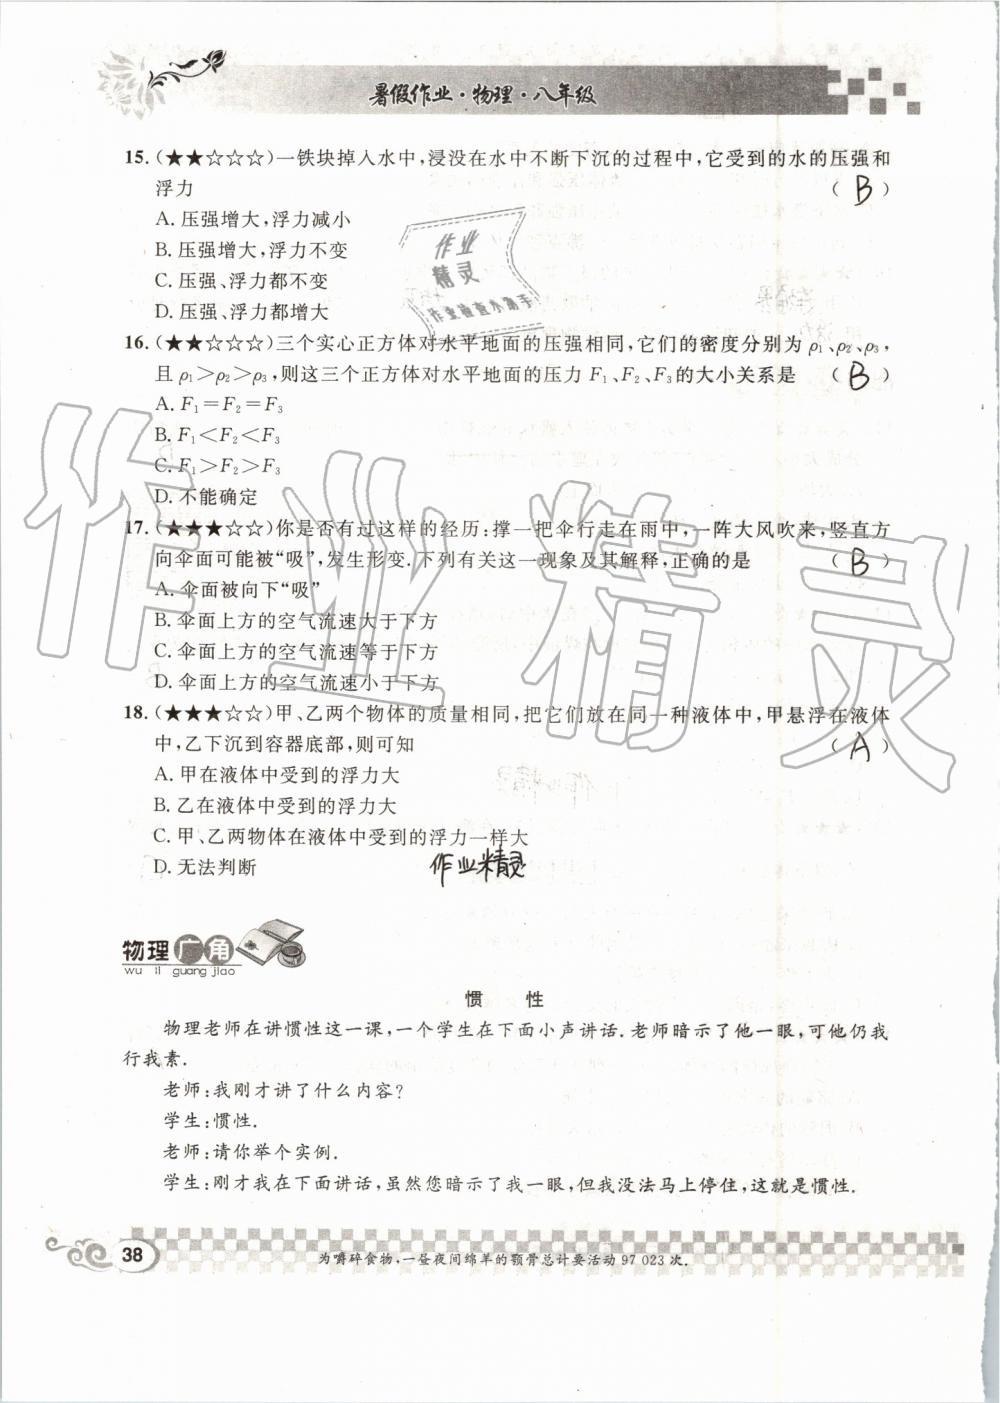 2019年长江暑假作业八年级物理崇文书局第38页